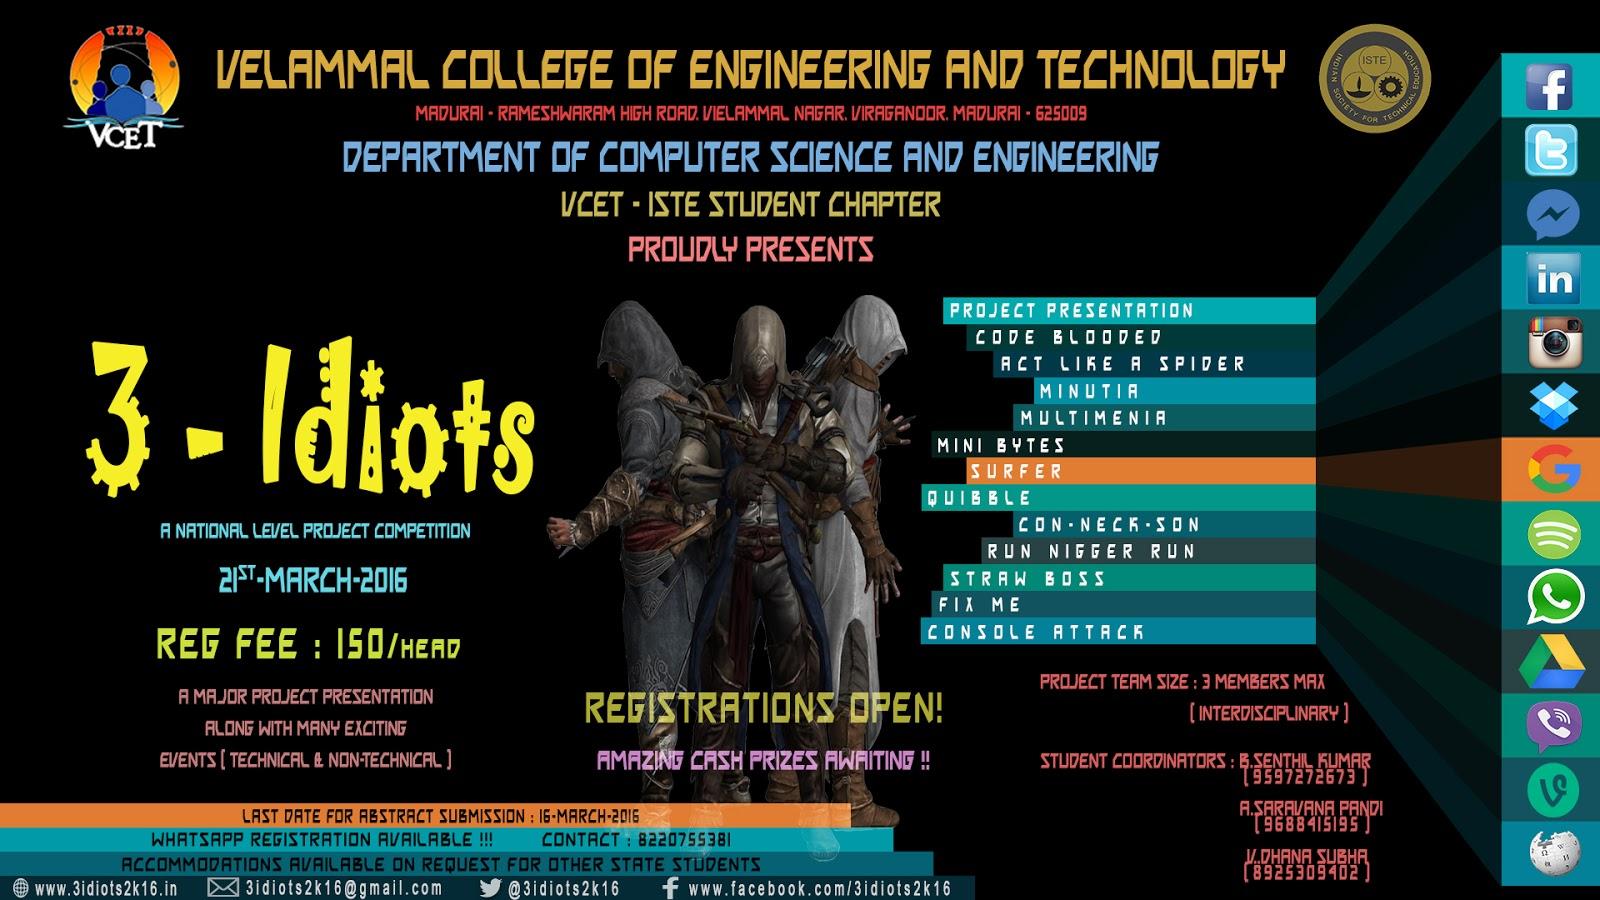 3 Idiots Symposium Invitation At Vcet Madurai